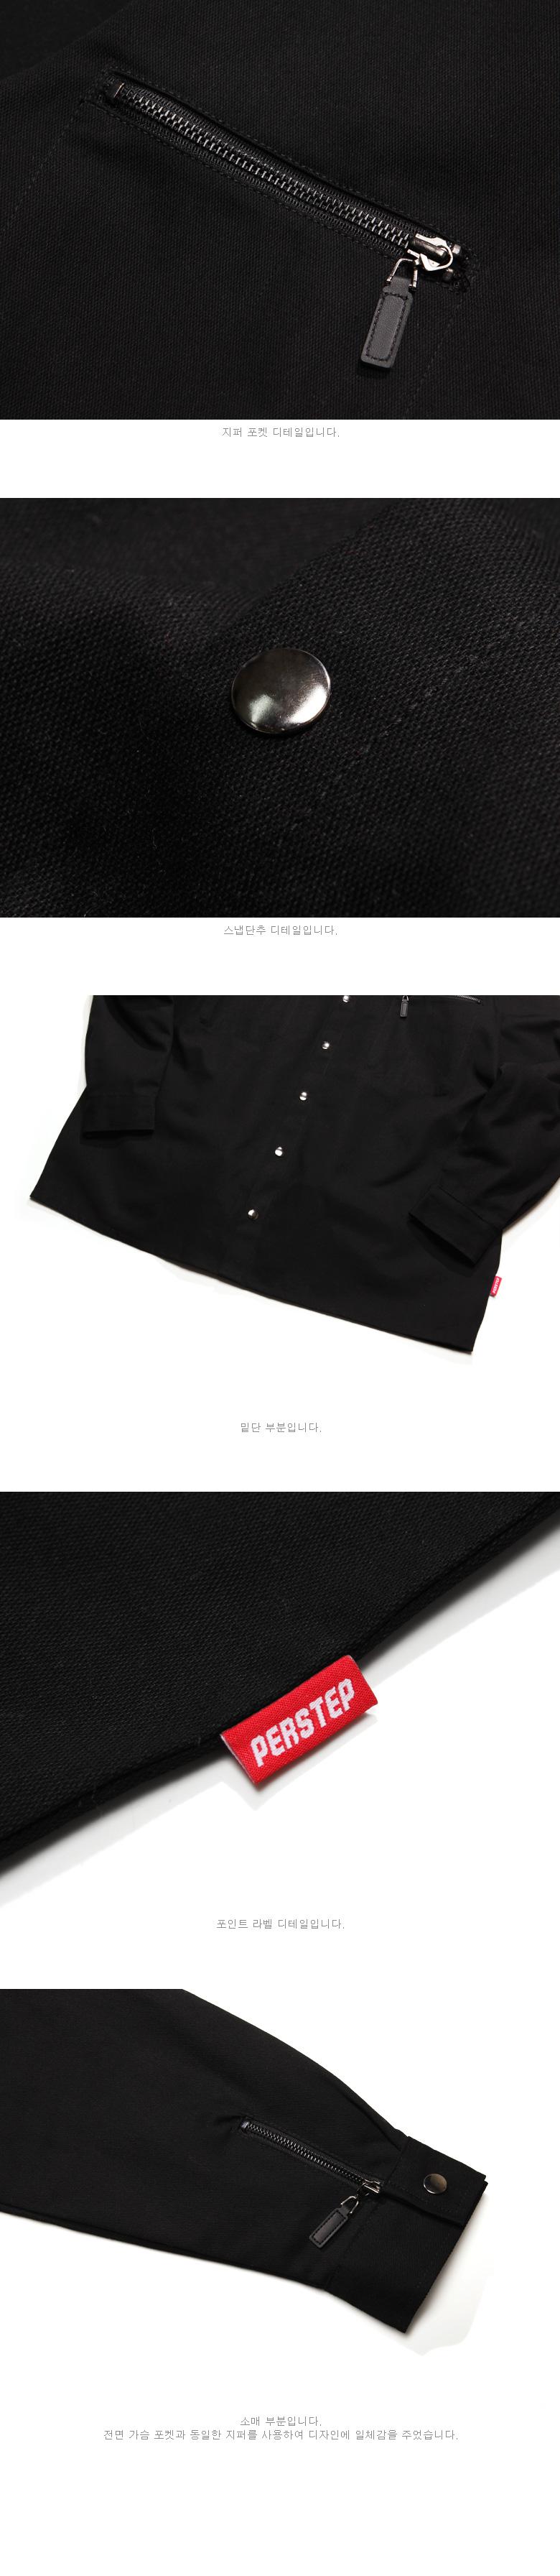 20180214_ps_roper_shirt_bk_uk_03.jpg